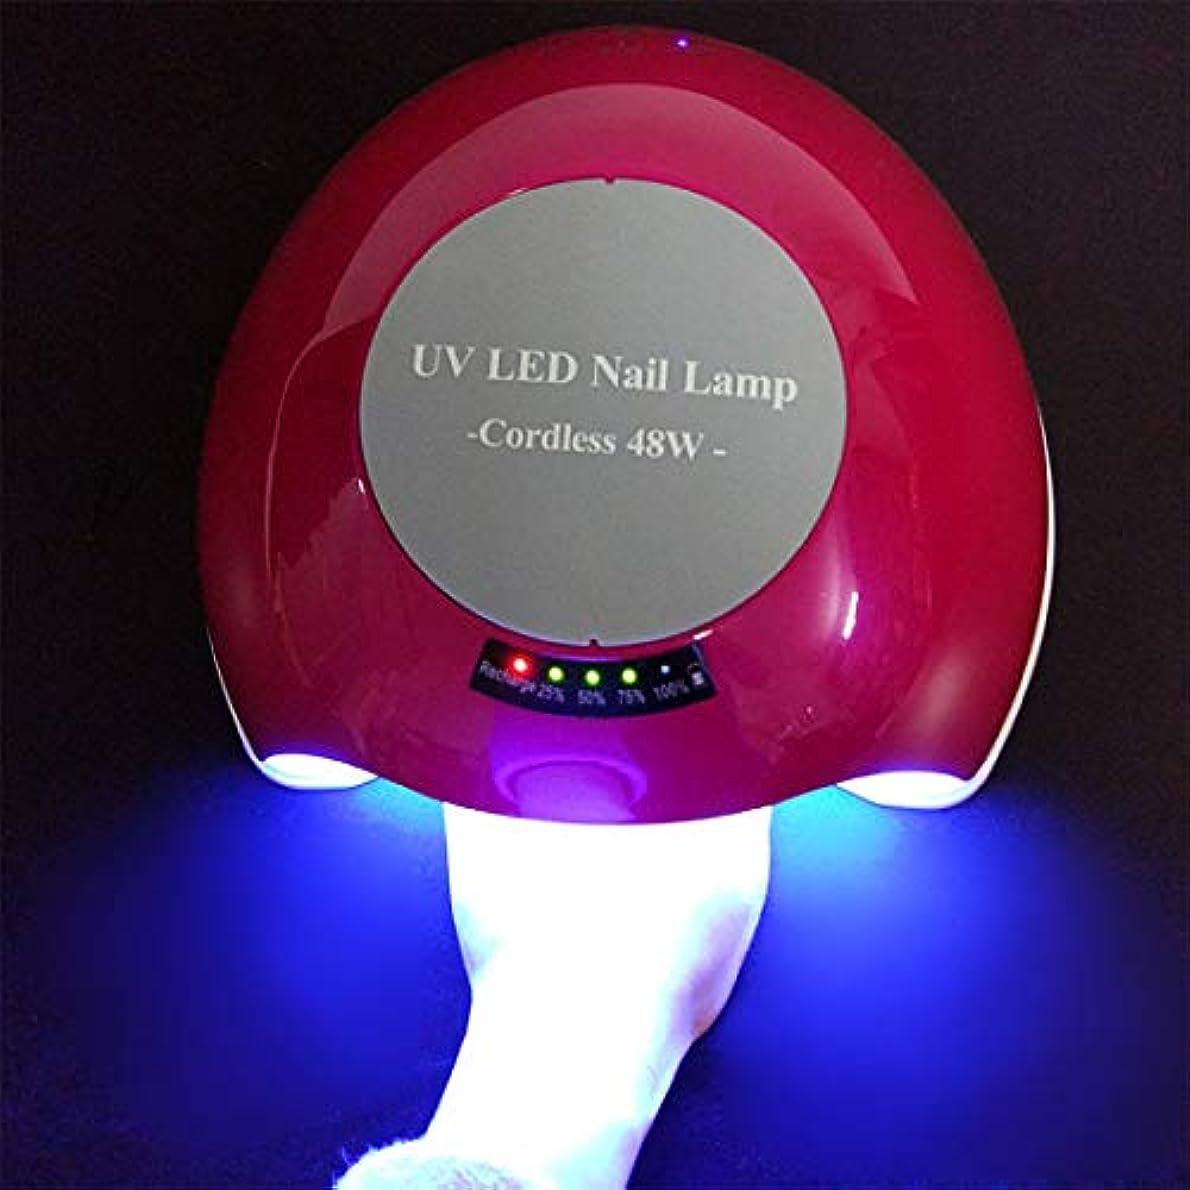 スイ微妙現象シェラックおよびゲルの釘のための48W専門の紫外線およびLEDの釘ランプそして釘のドライヤーの表示,Red